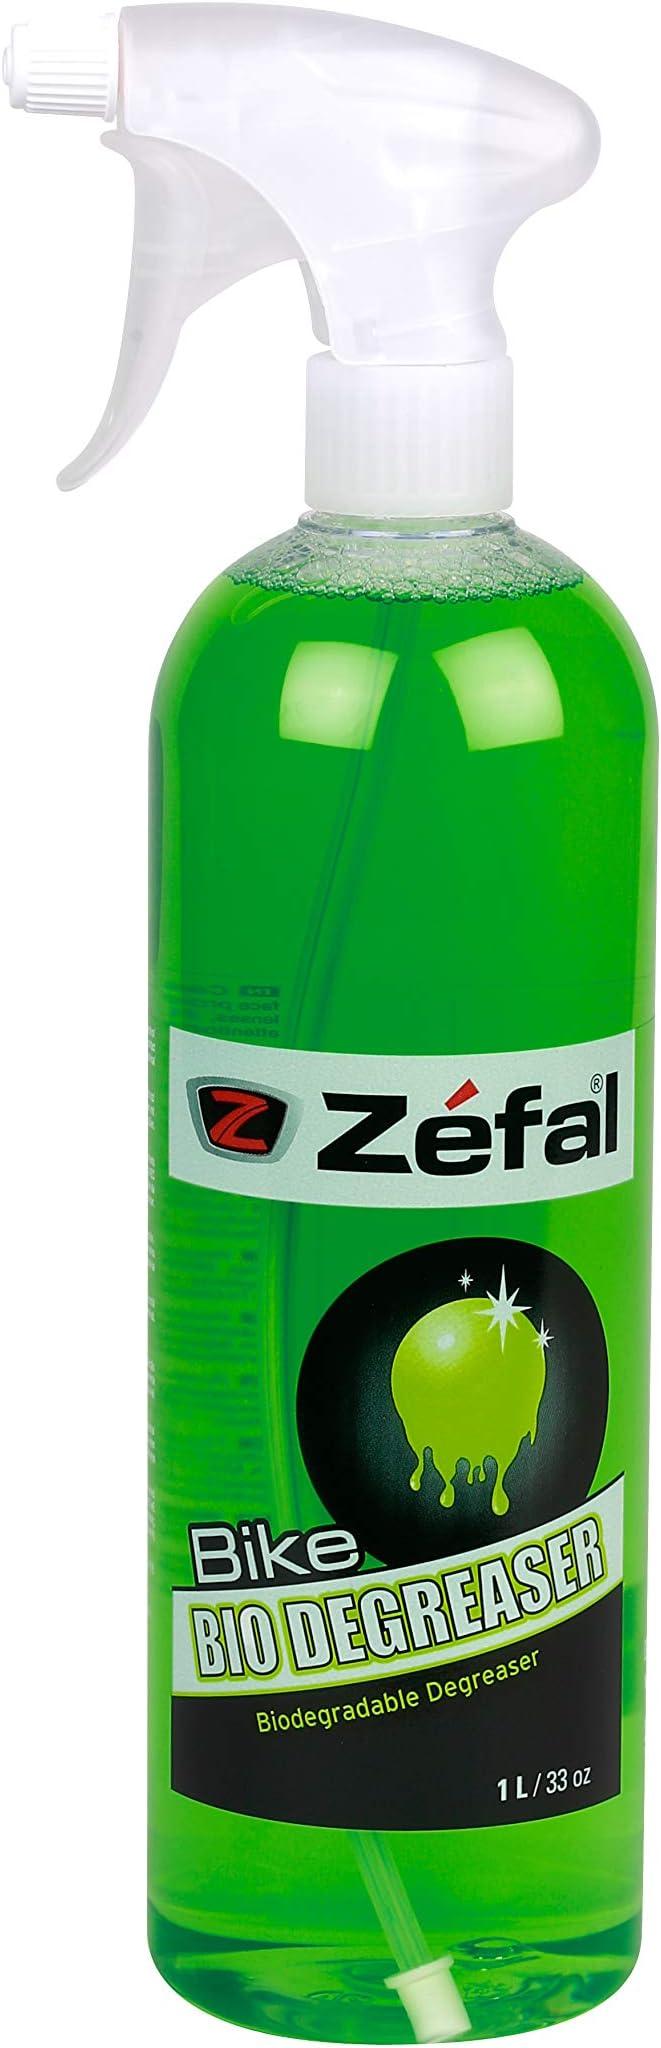 ZEFAL 9982.0 Desengrasante, Verde, 1000 ml: Amazon.es: Deportes y aire libre